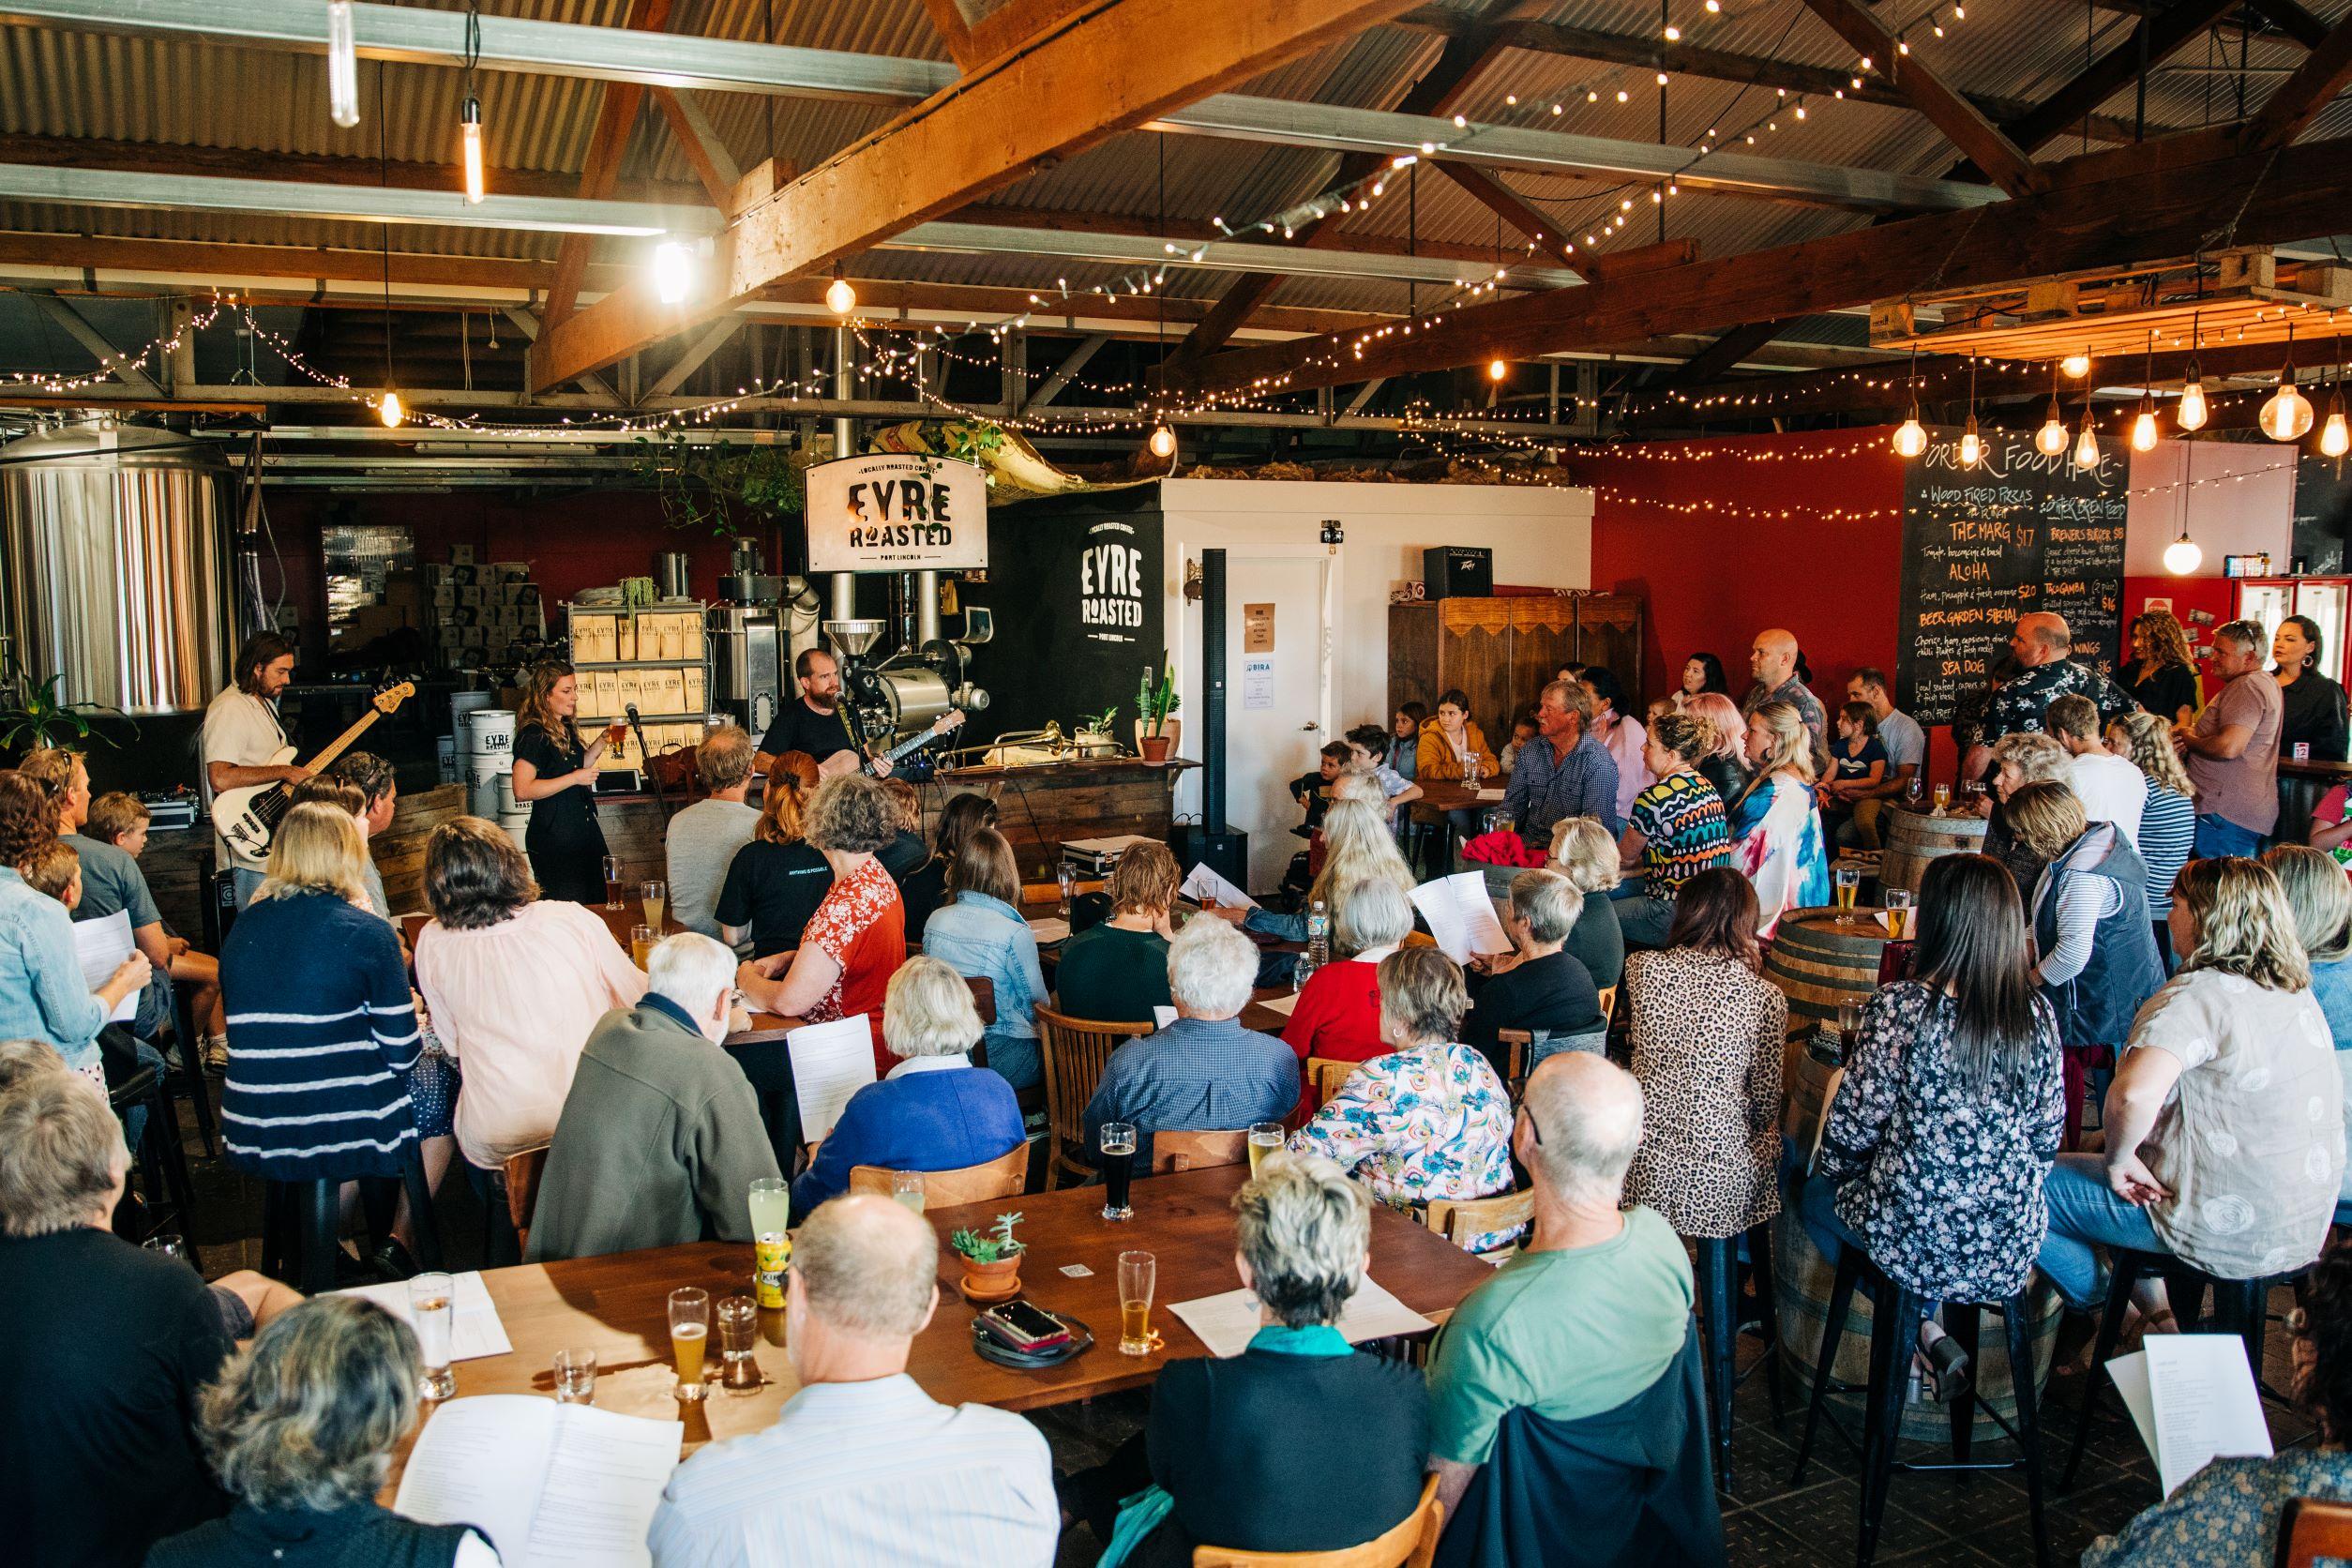 crowds at pub choir, artist lead event